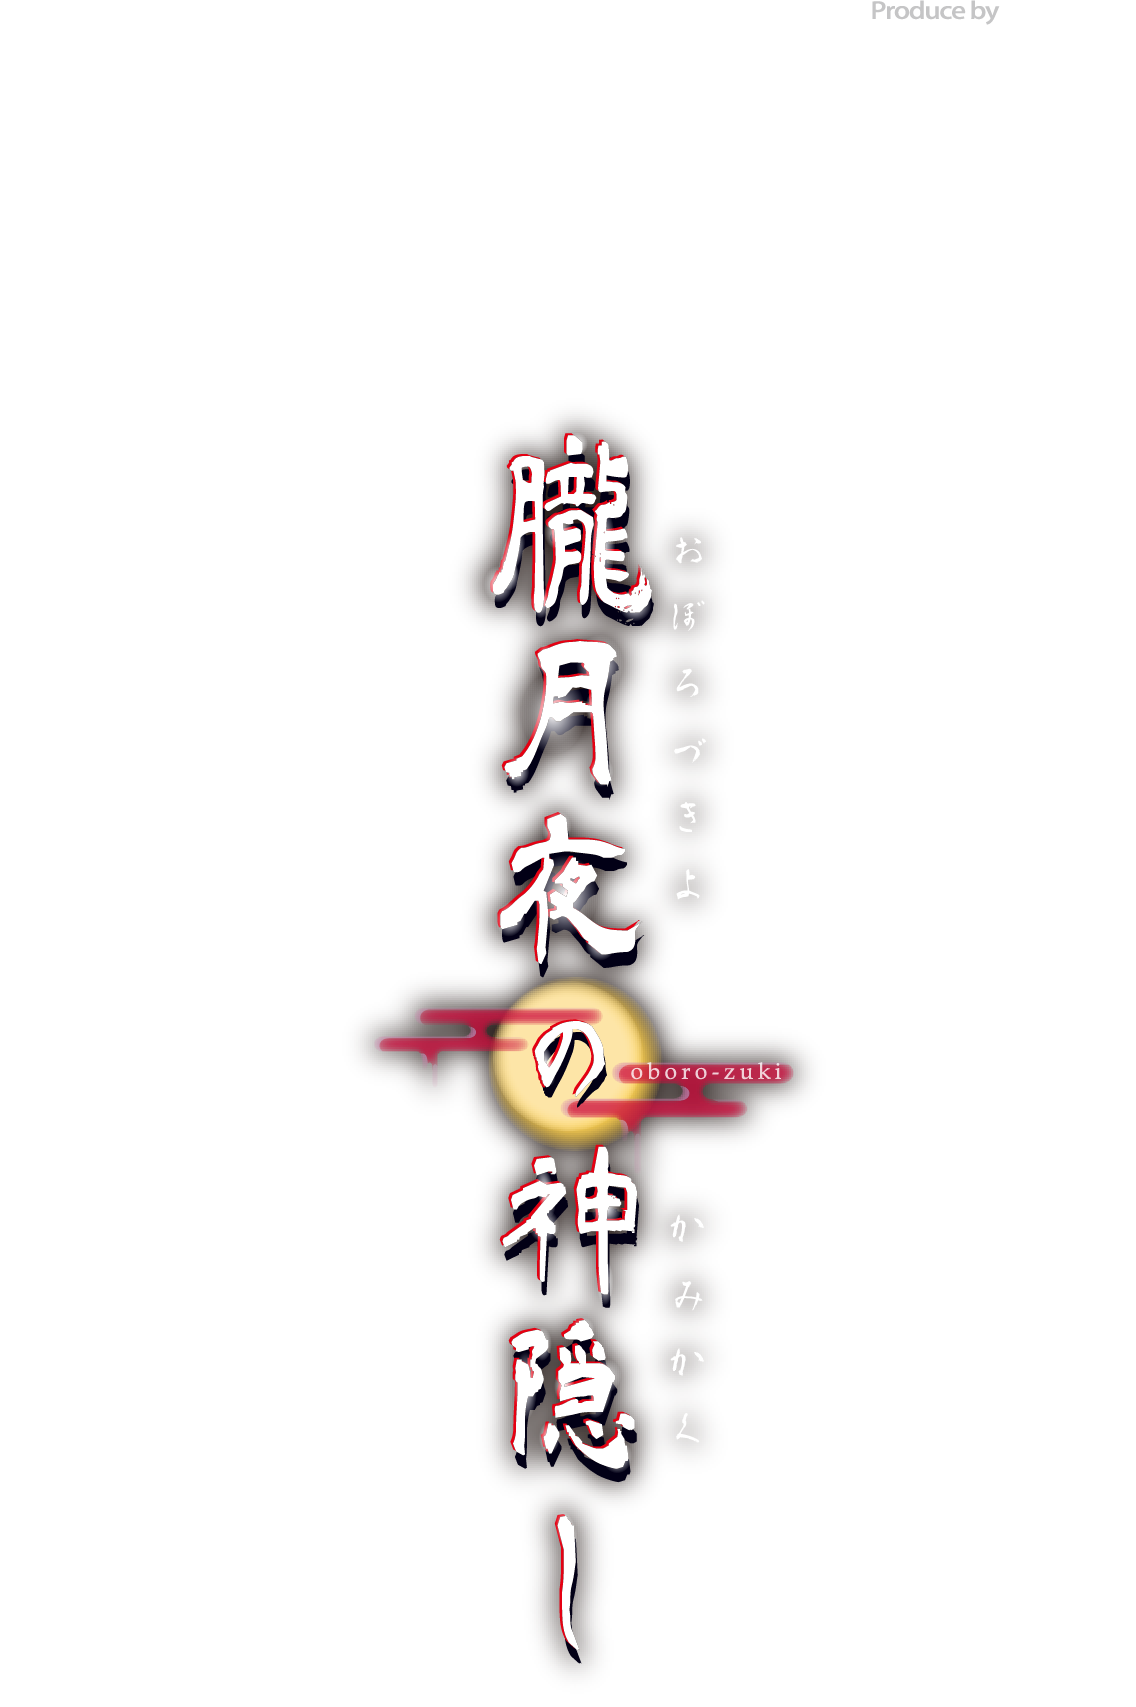 ACHI BASE×SEARCHER 夜神奇譚 呪いの廃旅館『朧月夜の神隠し』